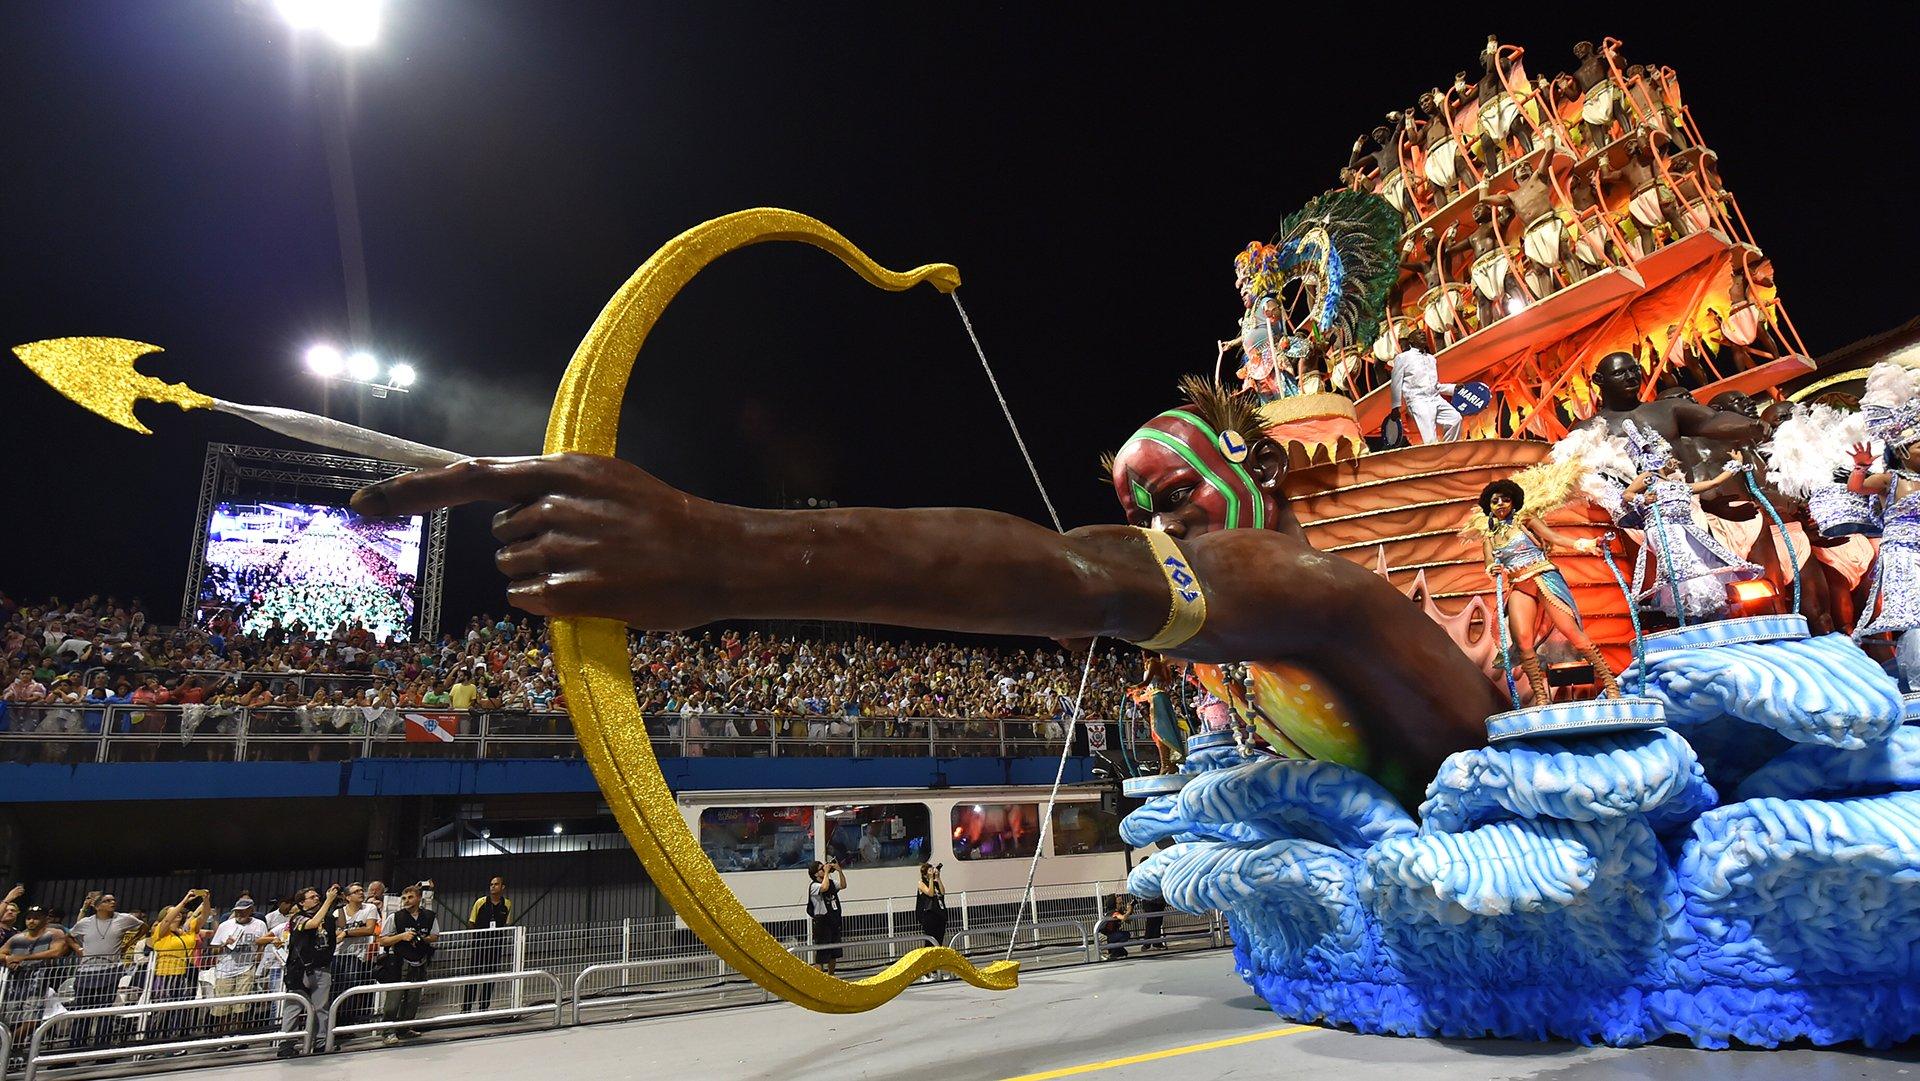 La escuela de samba Unidos de Vila Maria desfilan durante la primera noche del desfile de carnaval en el Sambódromo en Sao Paulo